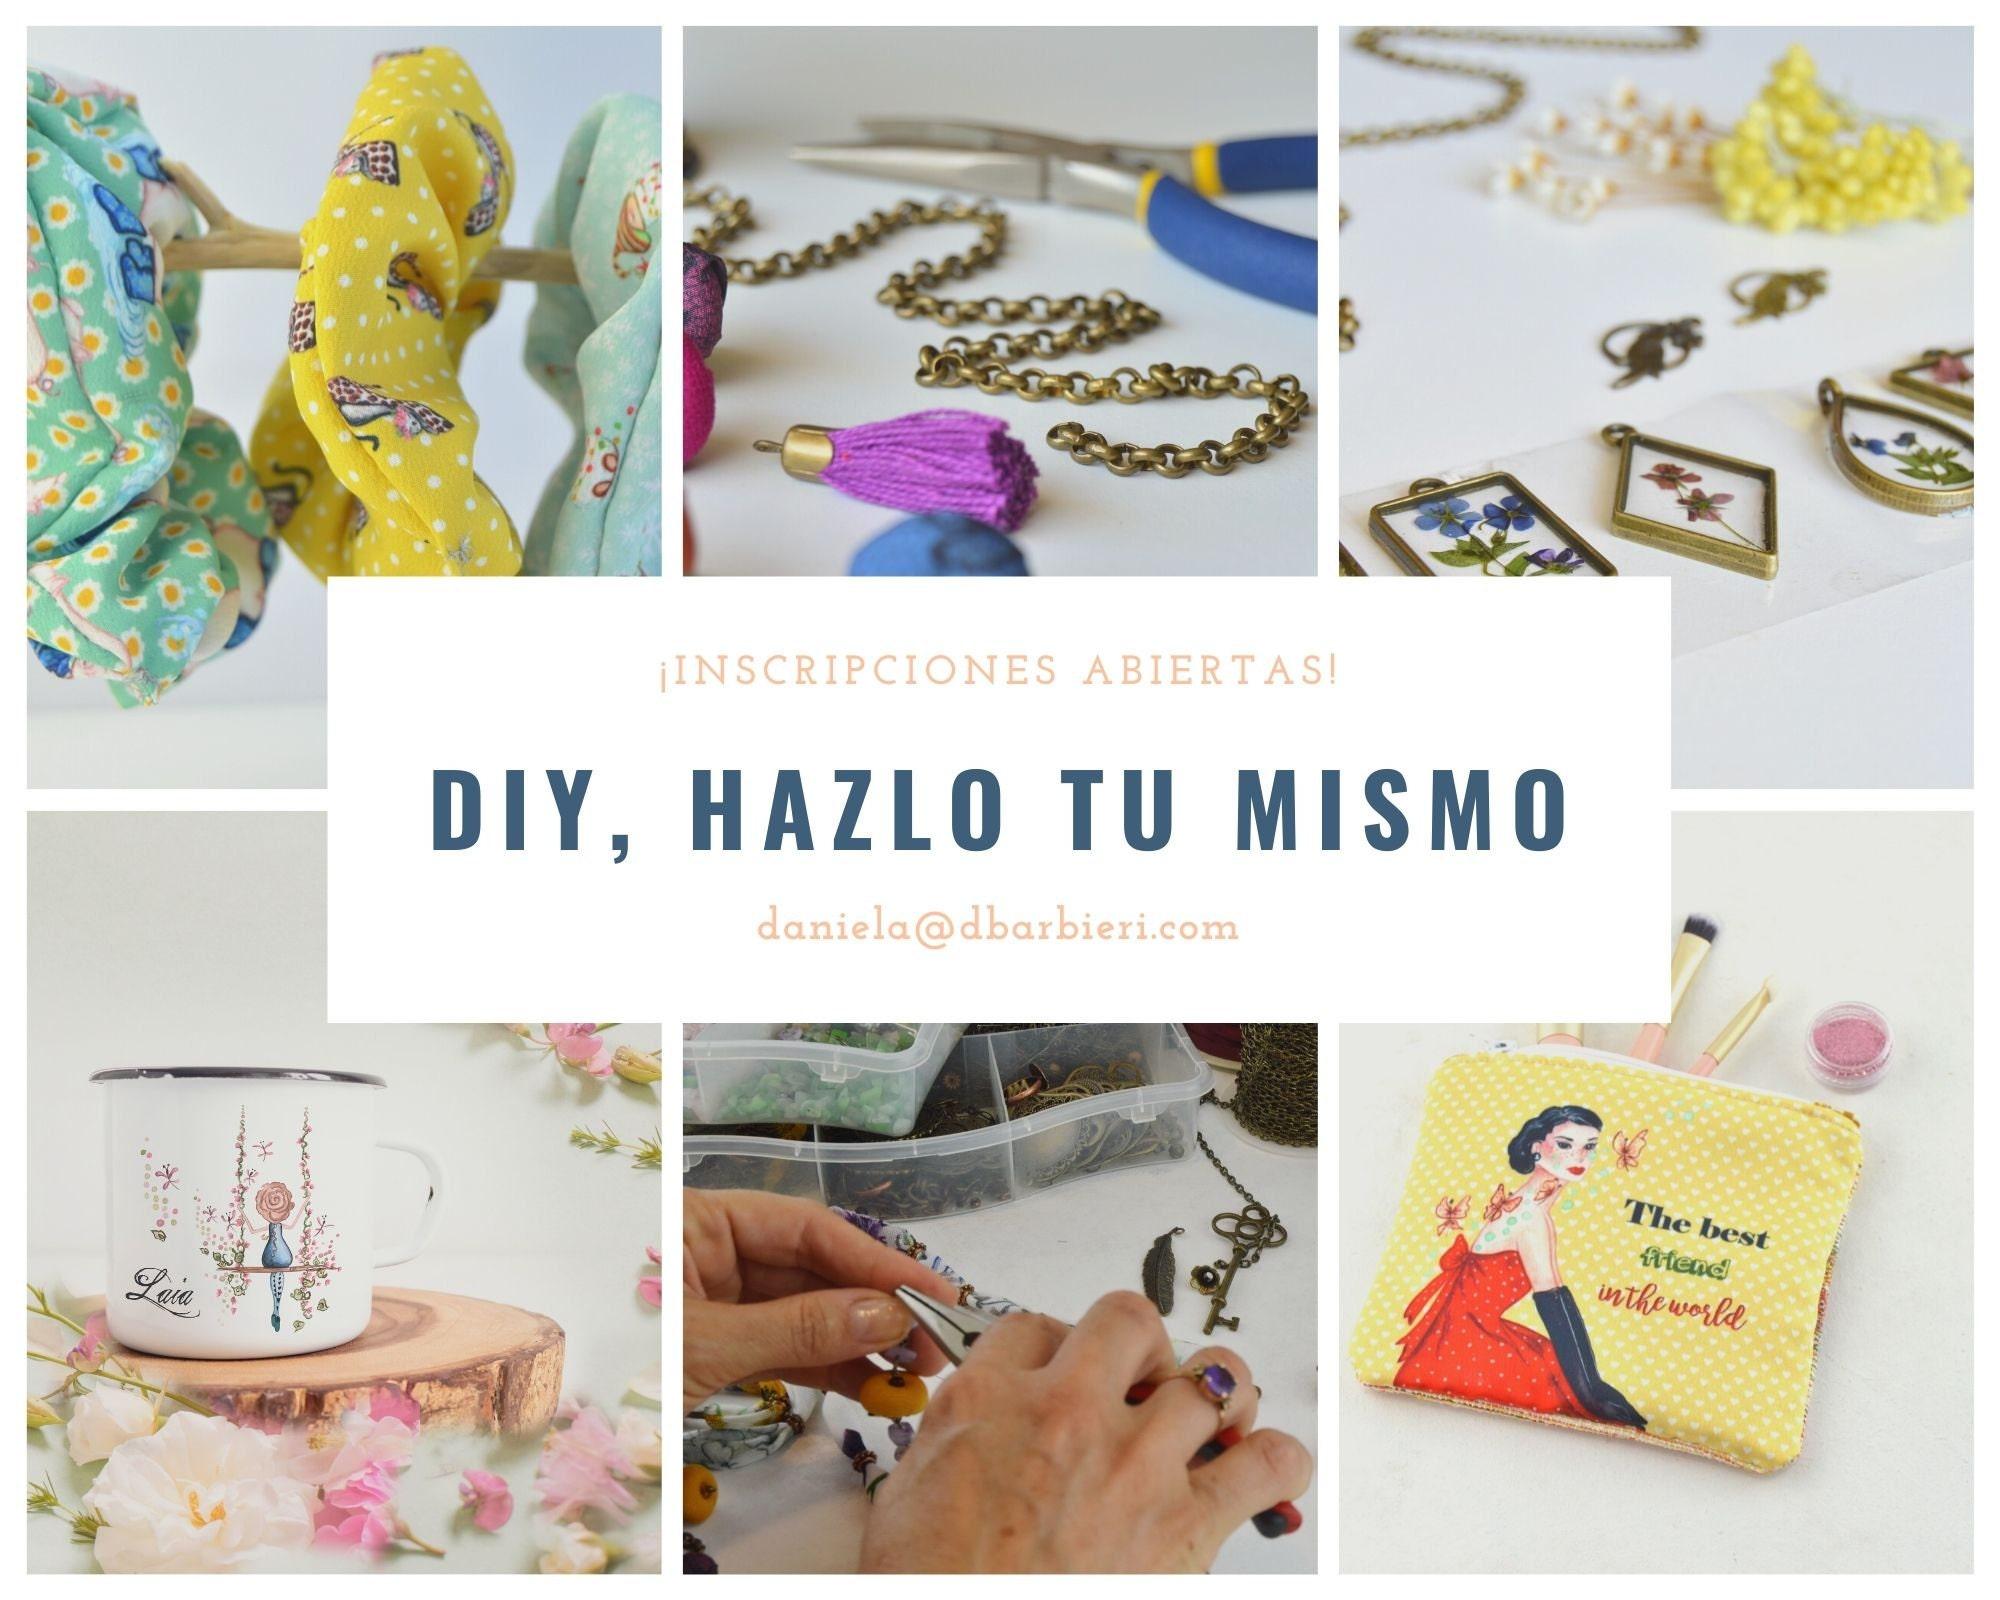 cursos de artesanías  y manualidades en Altafulla, Tarragona